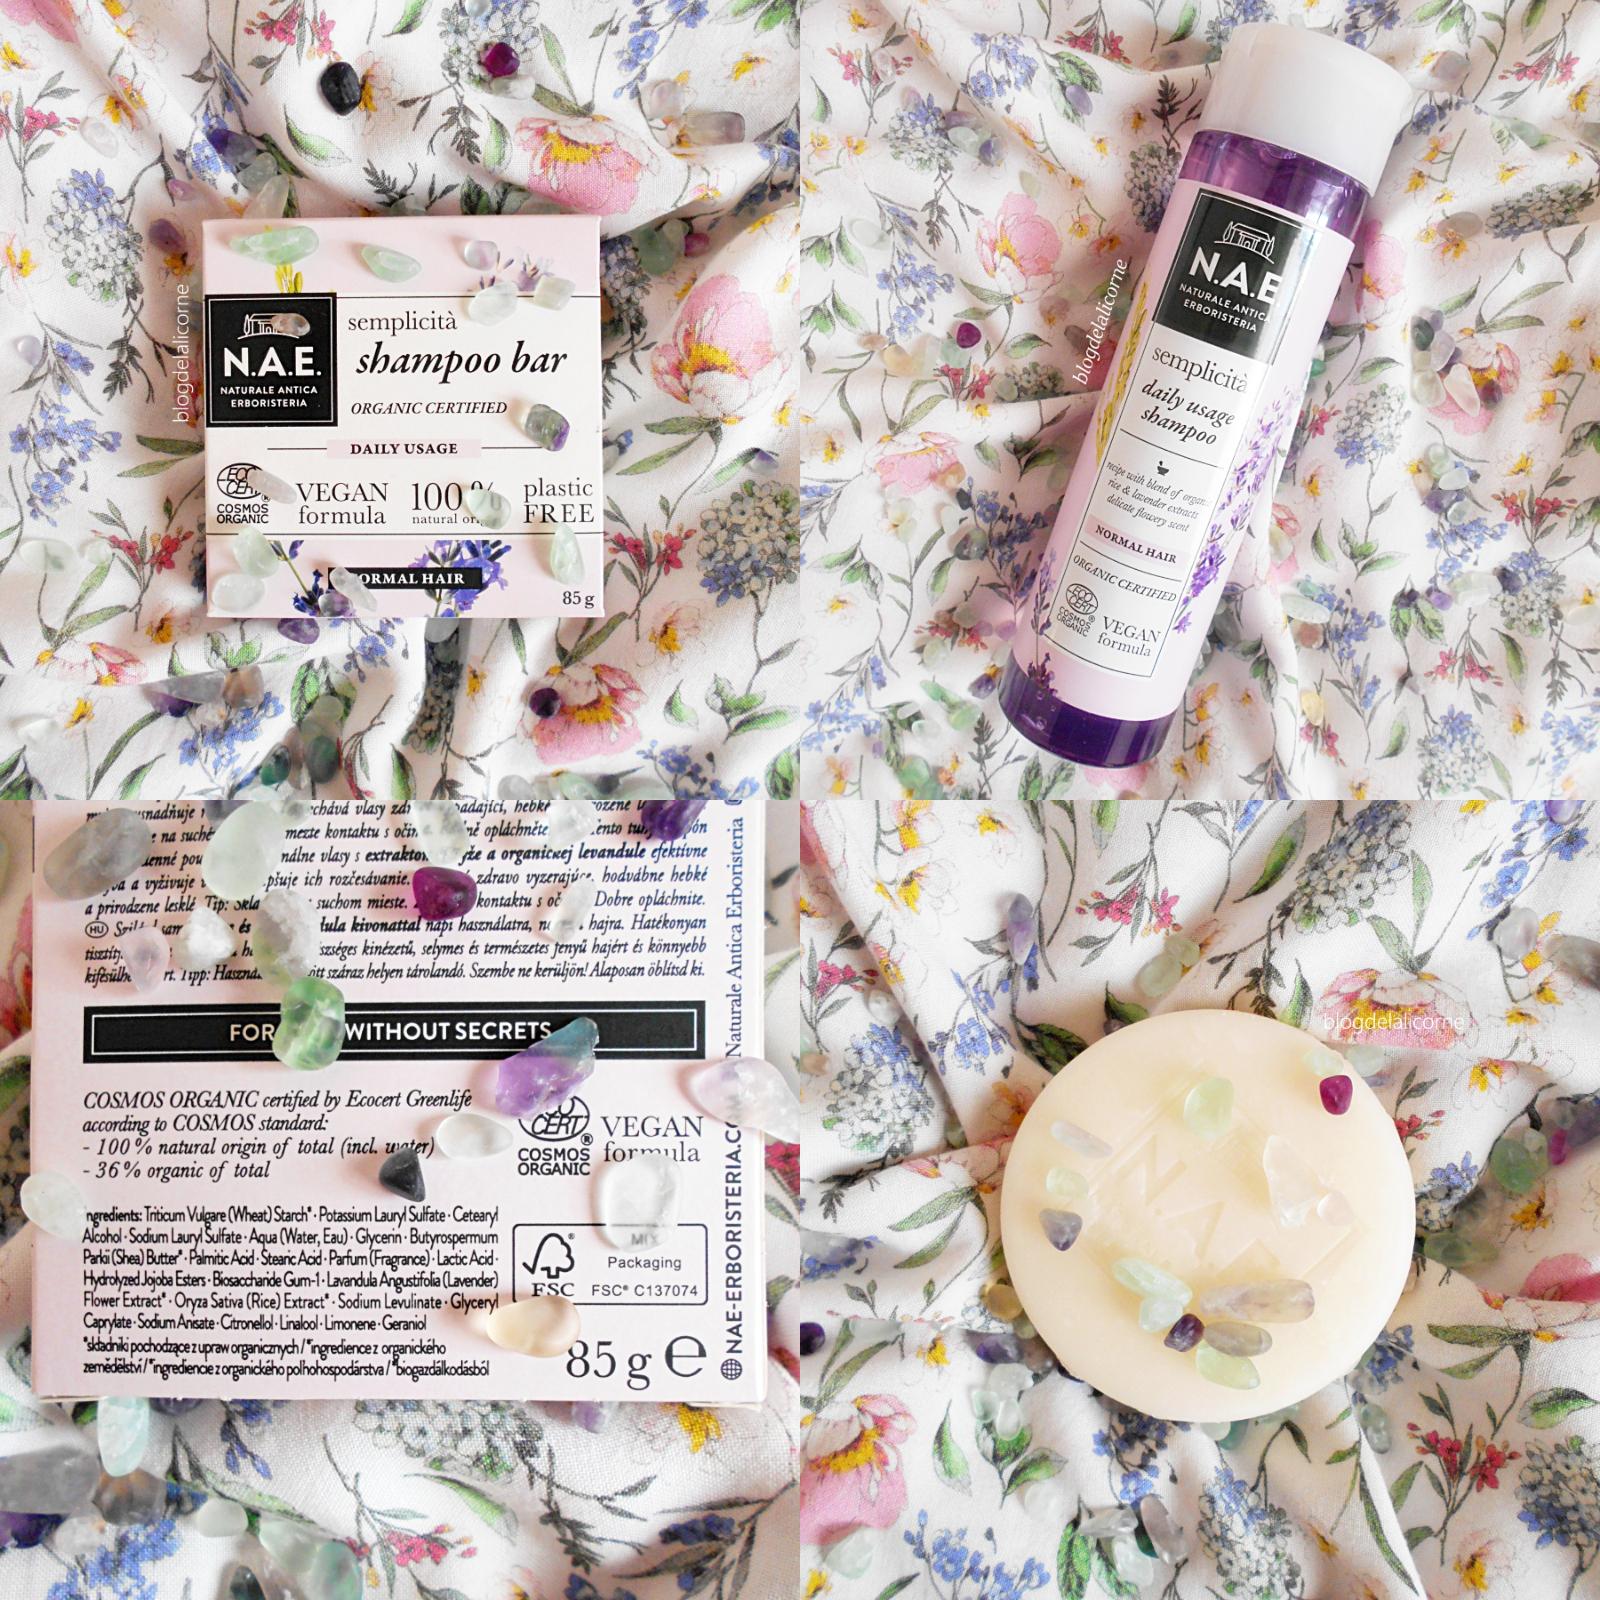 N.A.E. Semplicita organický tuhý šampón